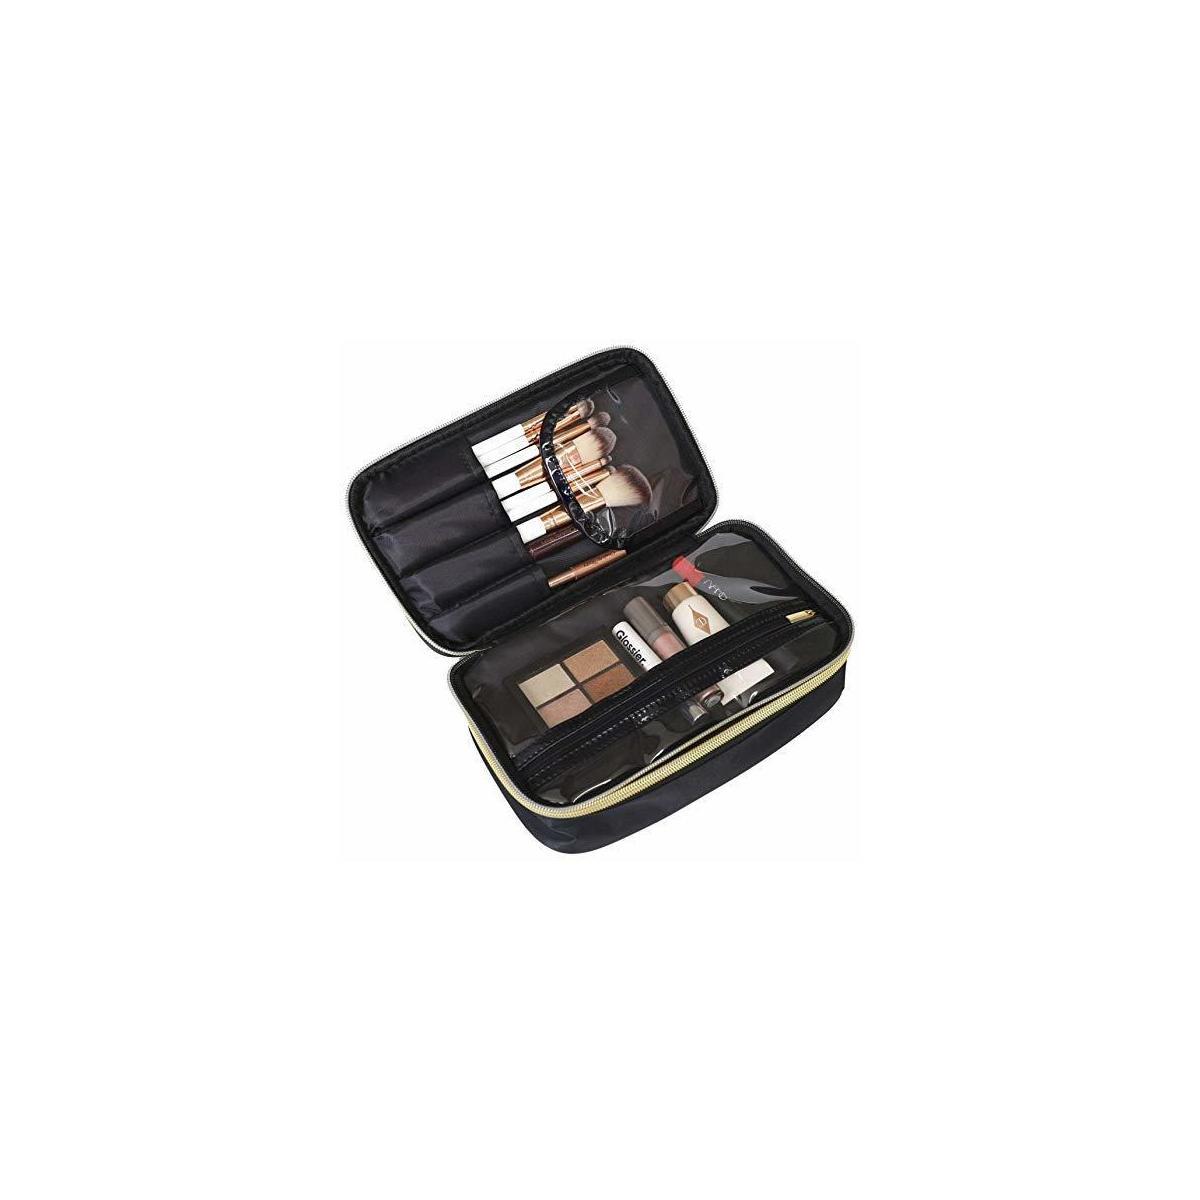 Black Makeup Bag/ Cosmetic Bag